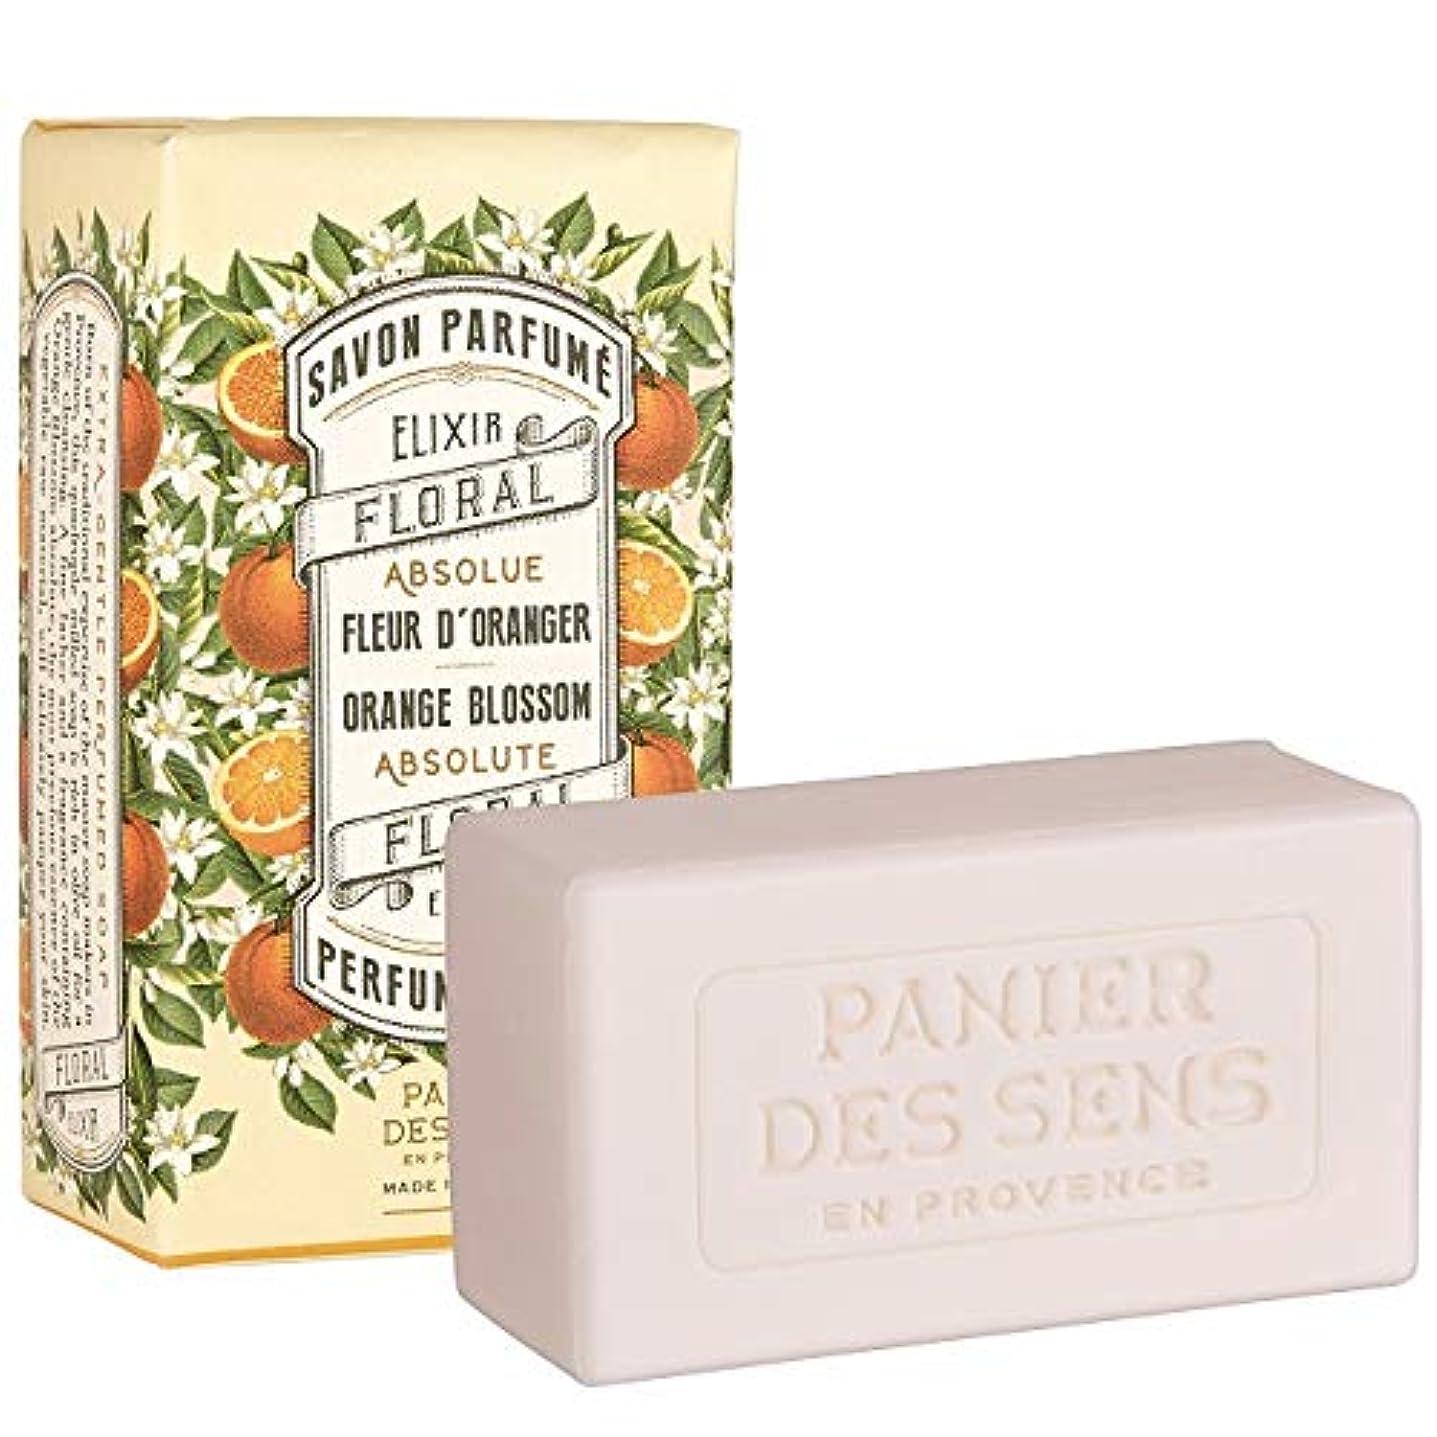 カニ継続中速いPanierdessens(パニエデサンス) アブソリュートオレンジブロッサム パフュームドソープ 石鹸 ビターで魅力的な香り 150g